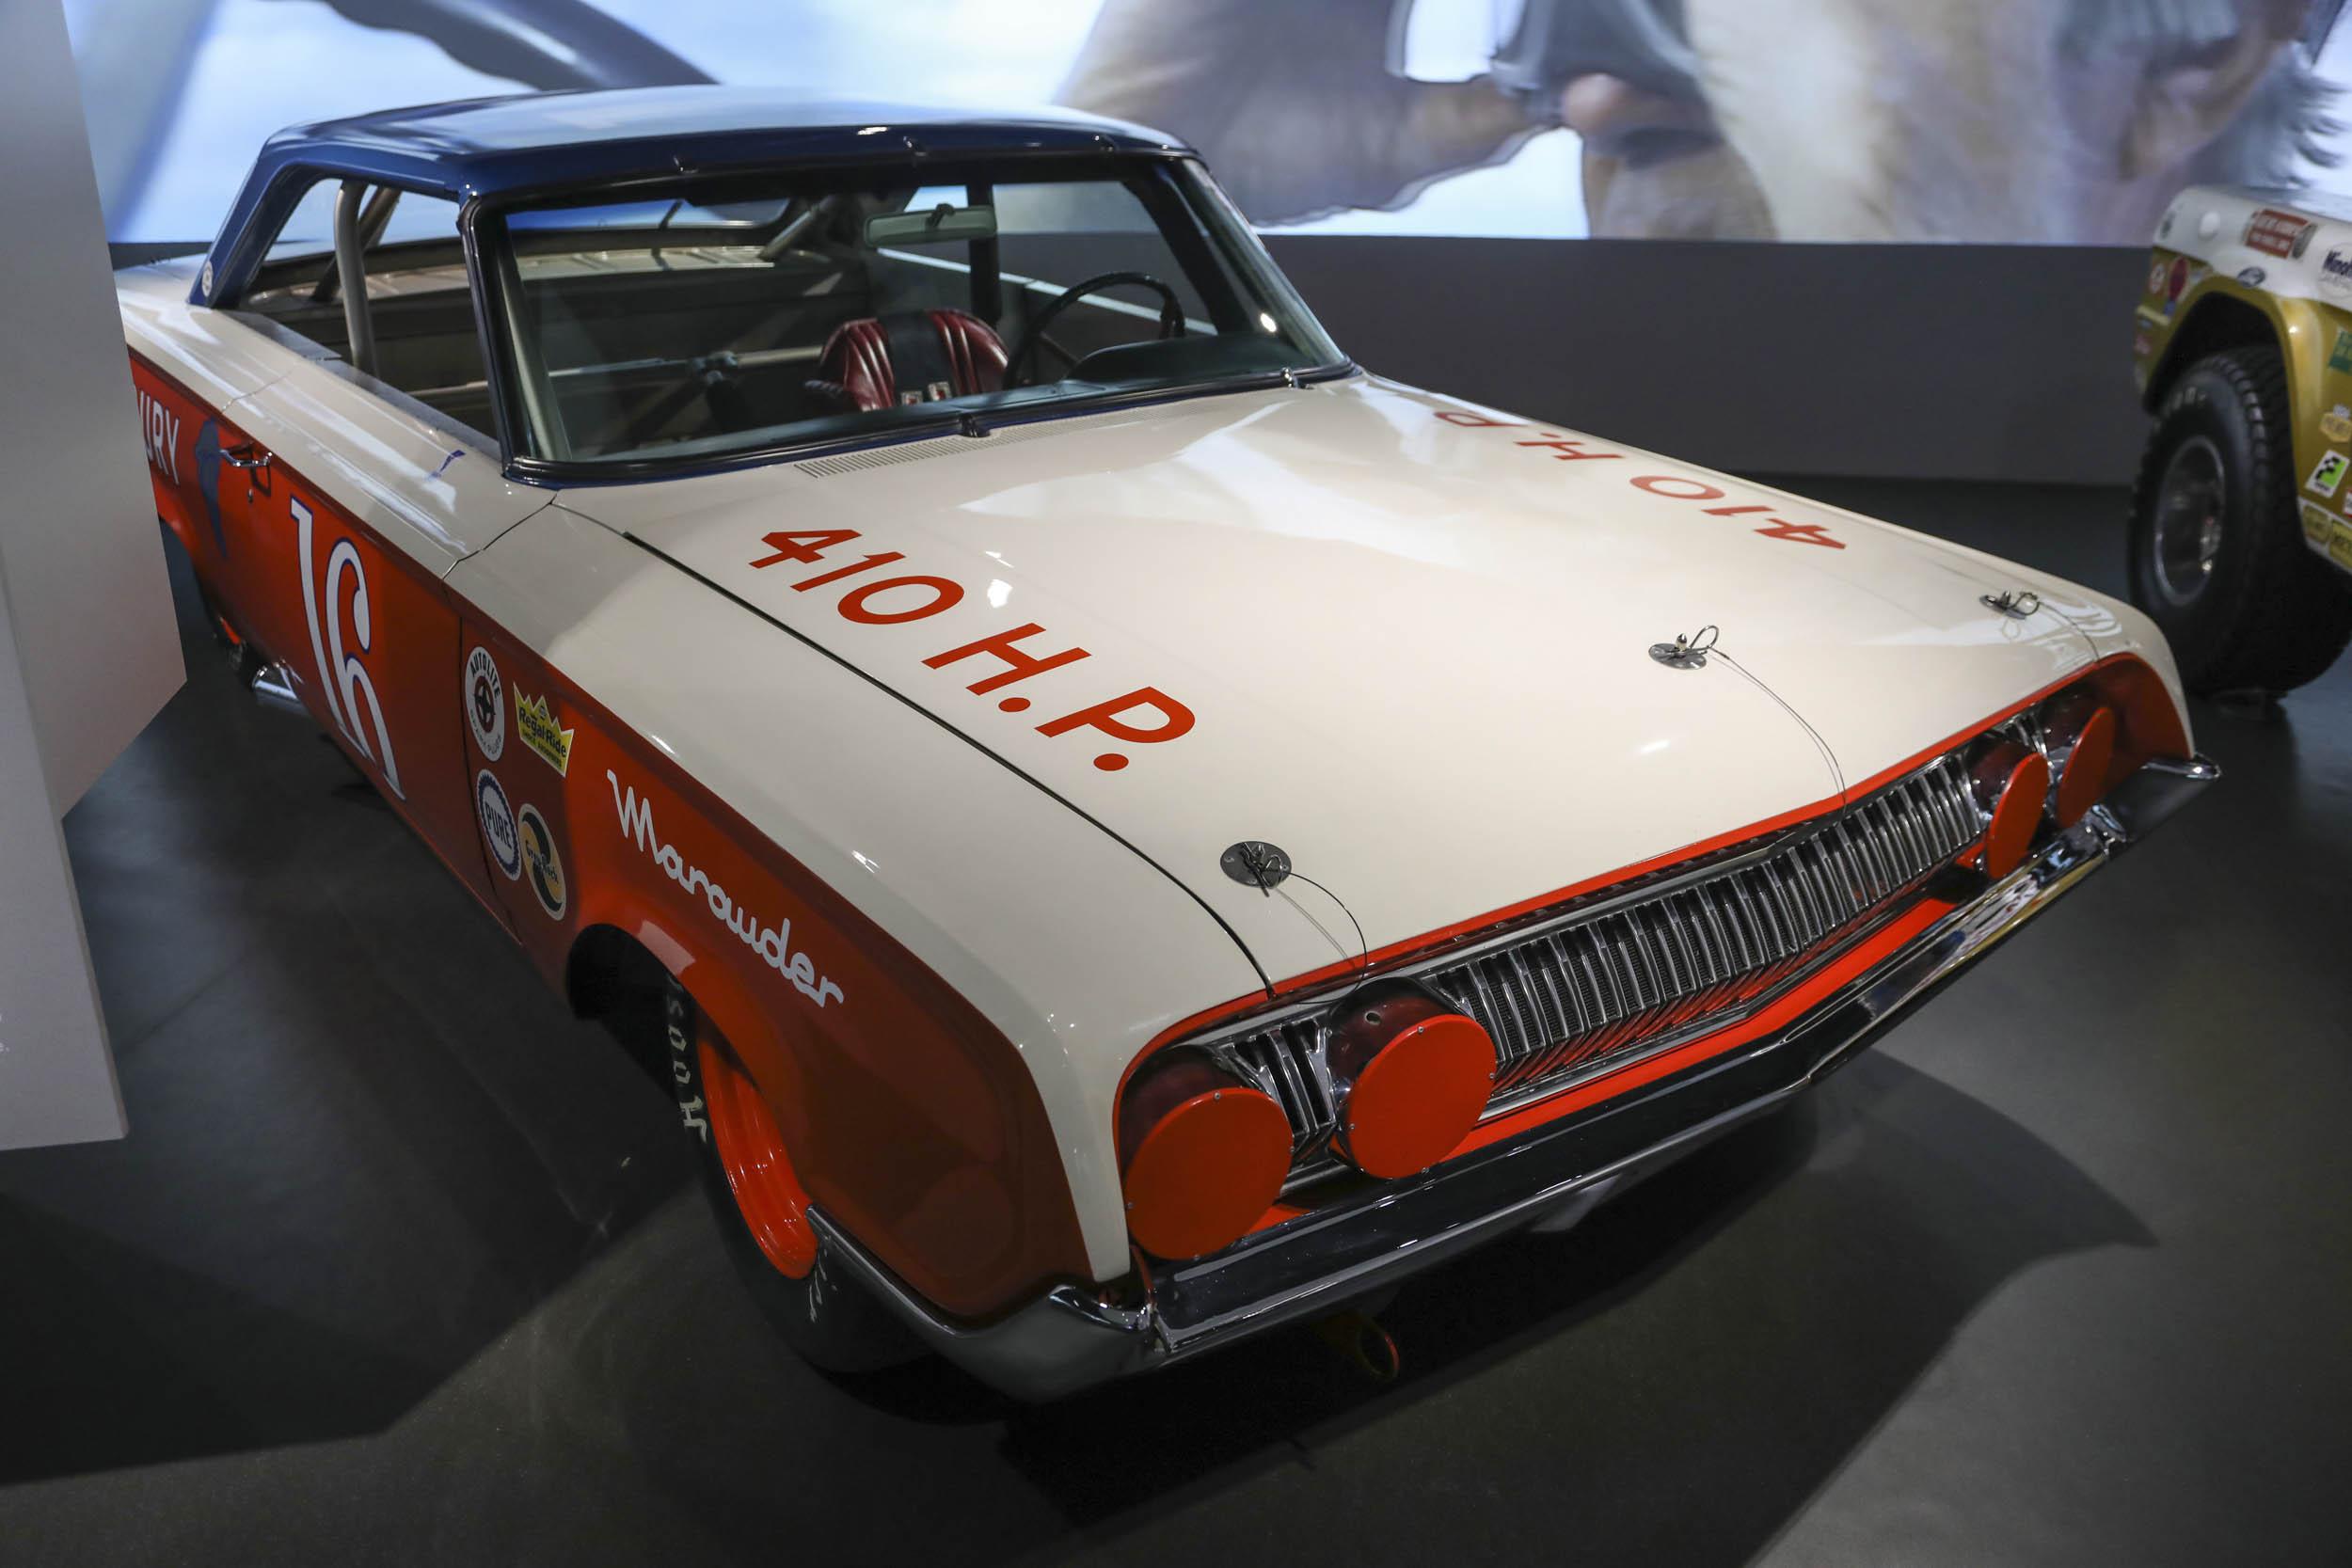 410 HP car as part of the Parnelli Jones Petersen exhibit